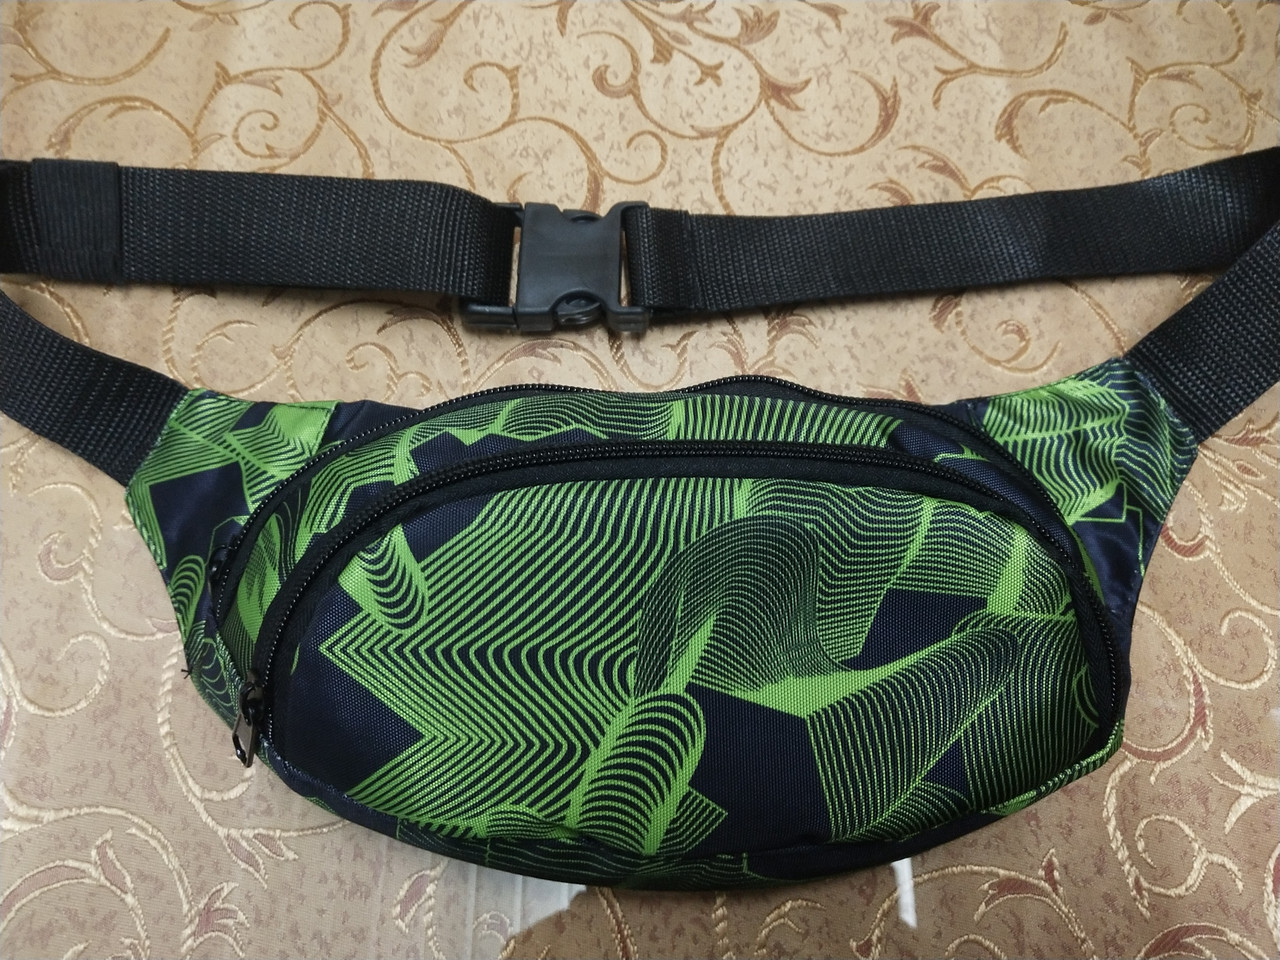 Барсетка барыжка бананов поясная сумка черная с зеленым узором